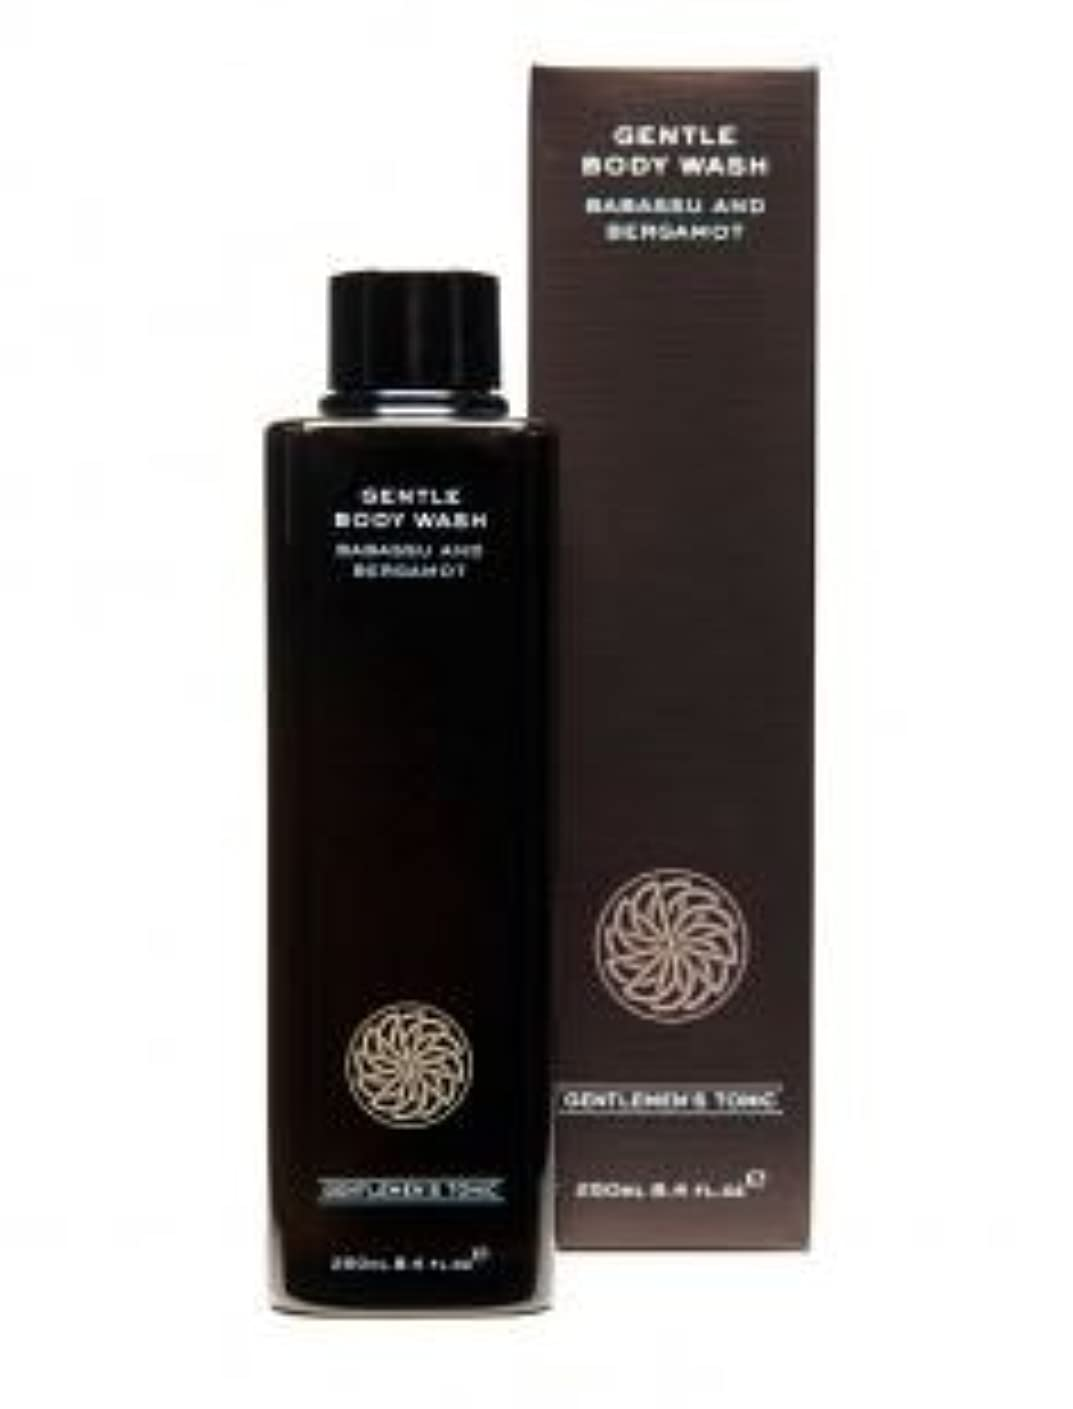 哺乳類保全生き物Gentlemen's Tonic ジェントルメンズトニック Gentle Body Wash (ジェントルボディウォッシュ) 250ml